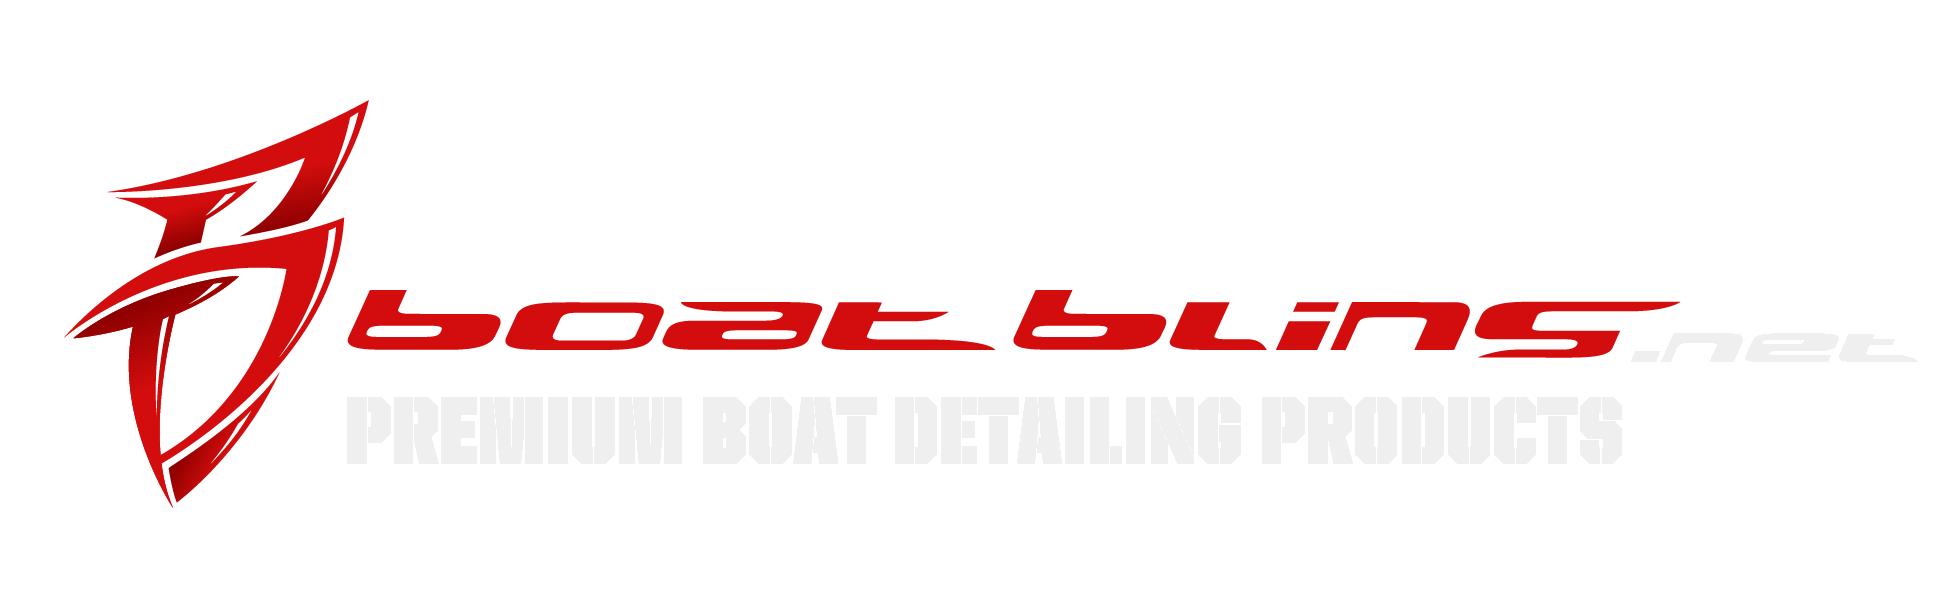 BB_BB logo xtra on black.png